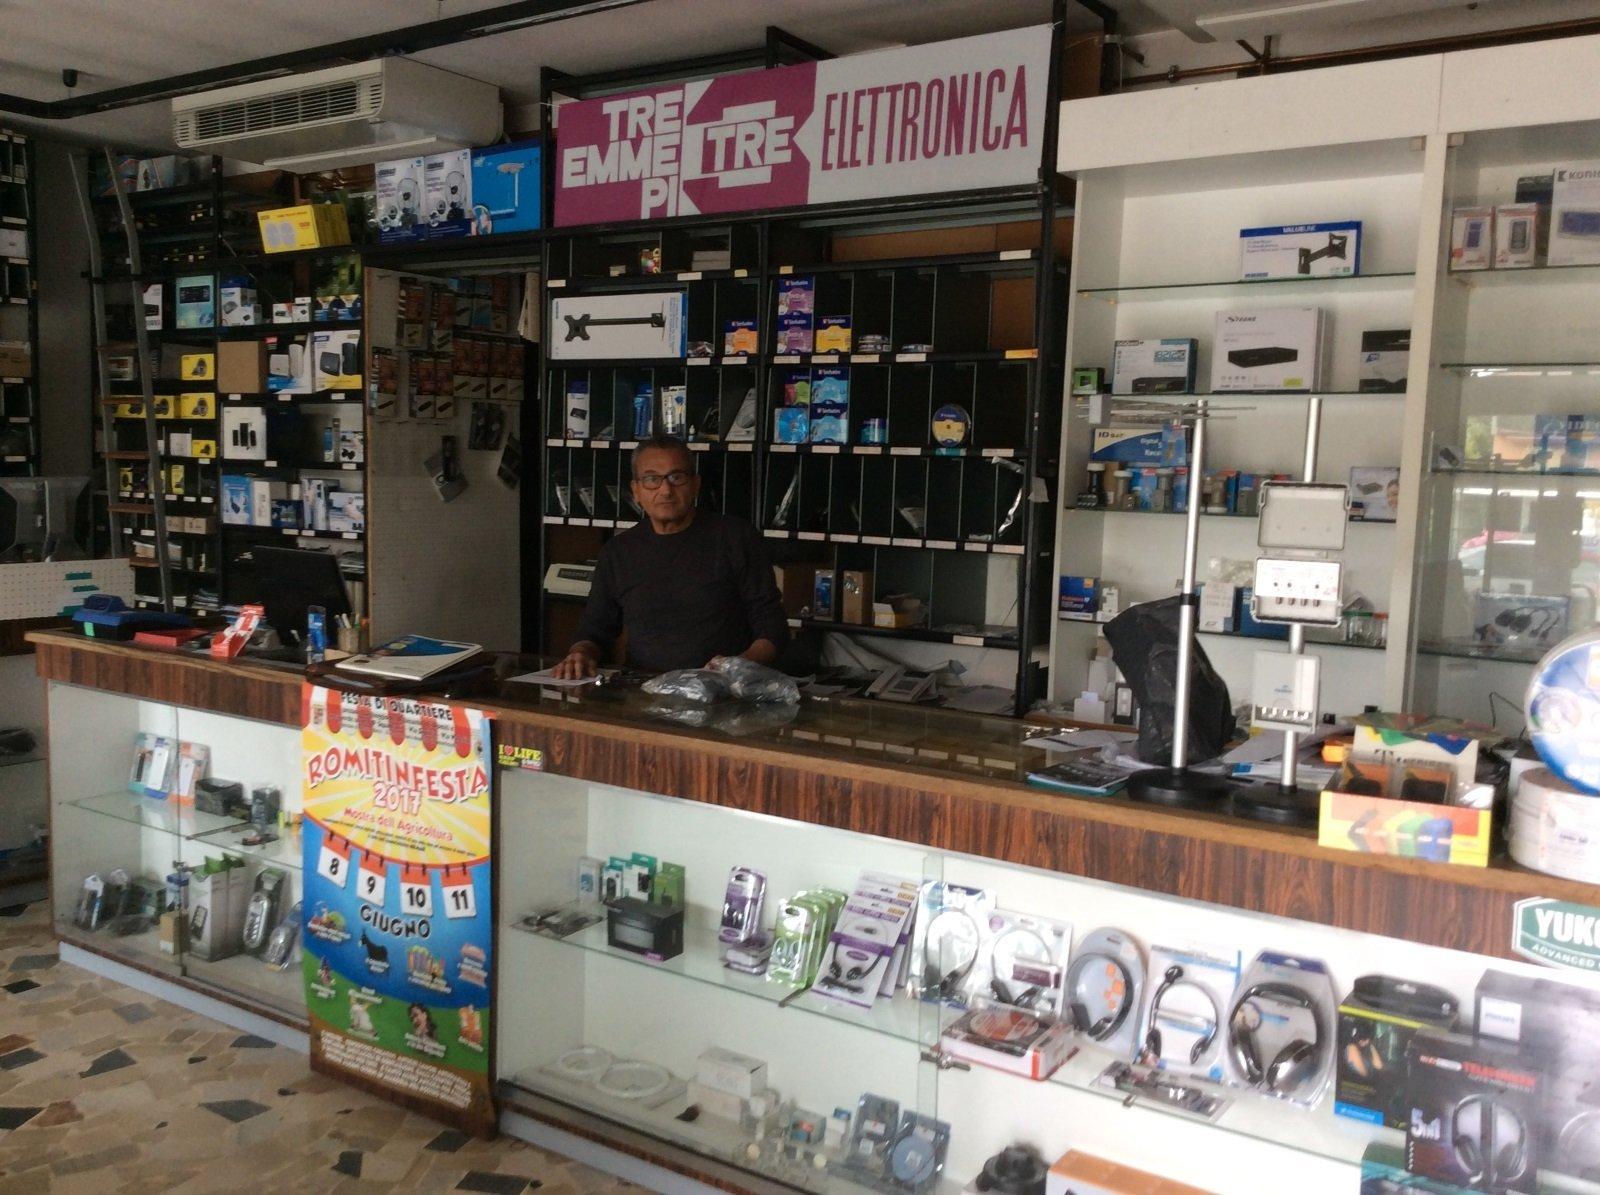 un uomo dietro a un bancone in un negozio di elettronica